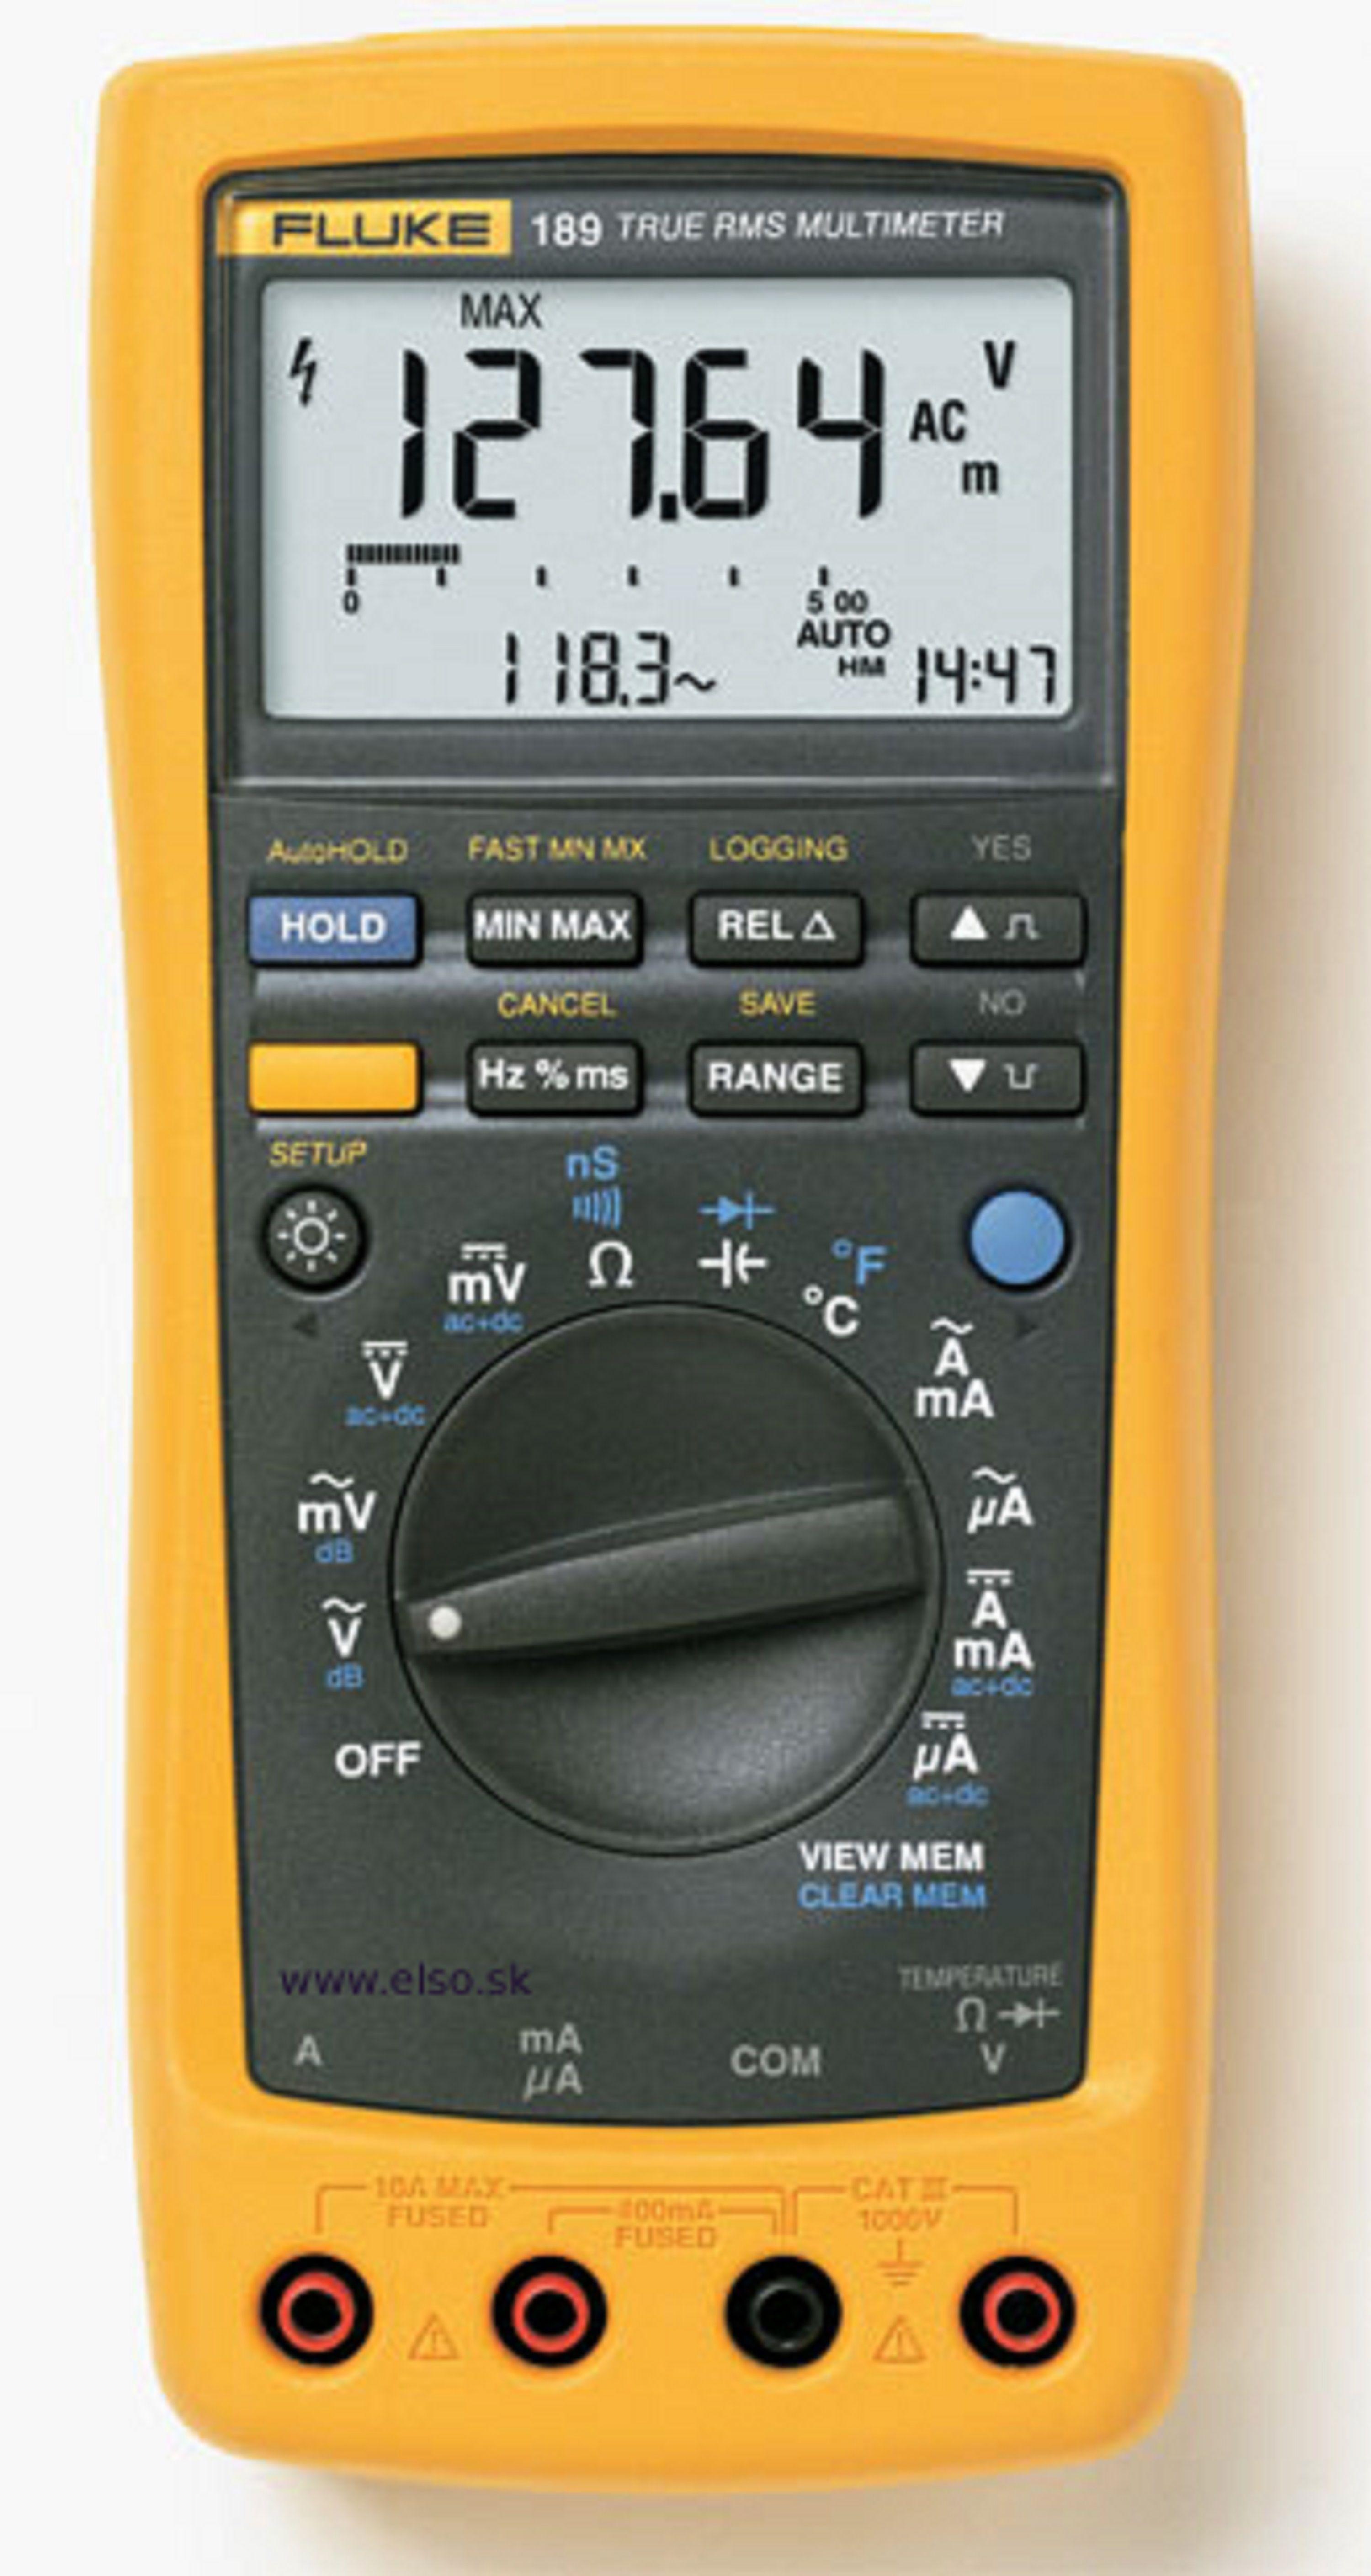 fluke 189 digital multimetr professional tech science diy rh pinterest com Fluke 189 Multimeter Fluke Multimeter 289